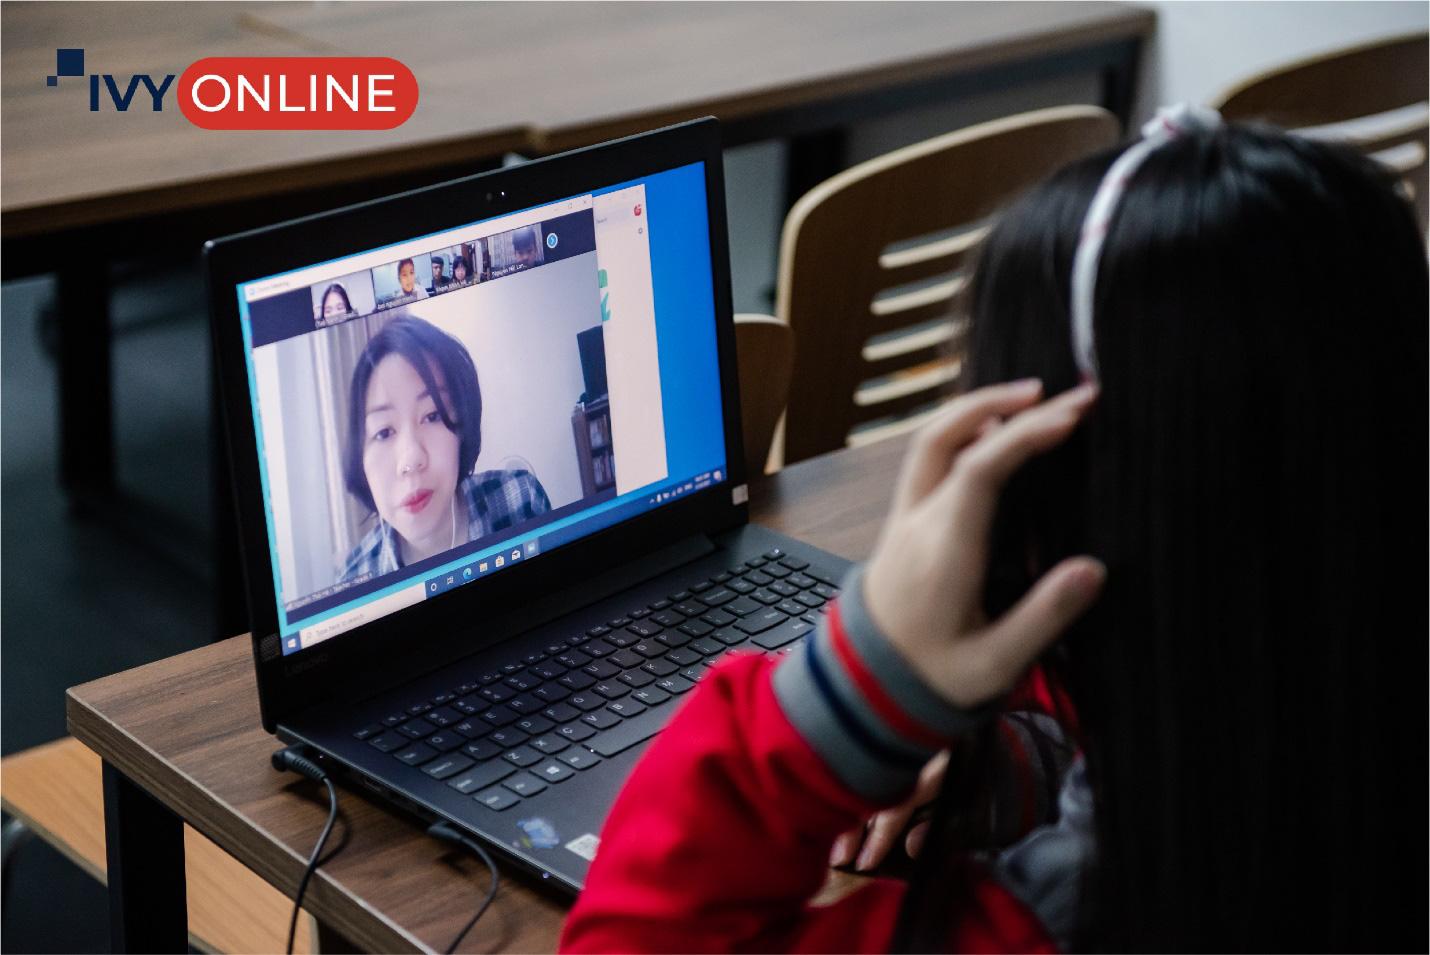 IvyPrep Education ra mắt thương hiệu IvyOnline đào tạo tiếng Anh học thuật và hướng dẫn du học trực tuyến - Ảnh 4.